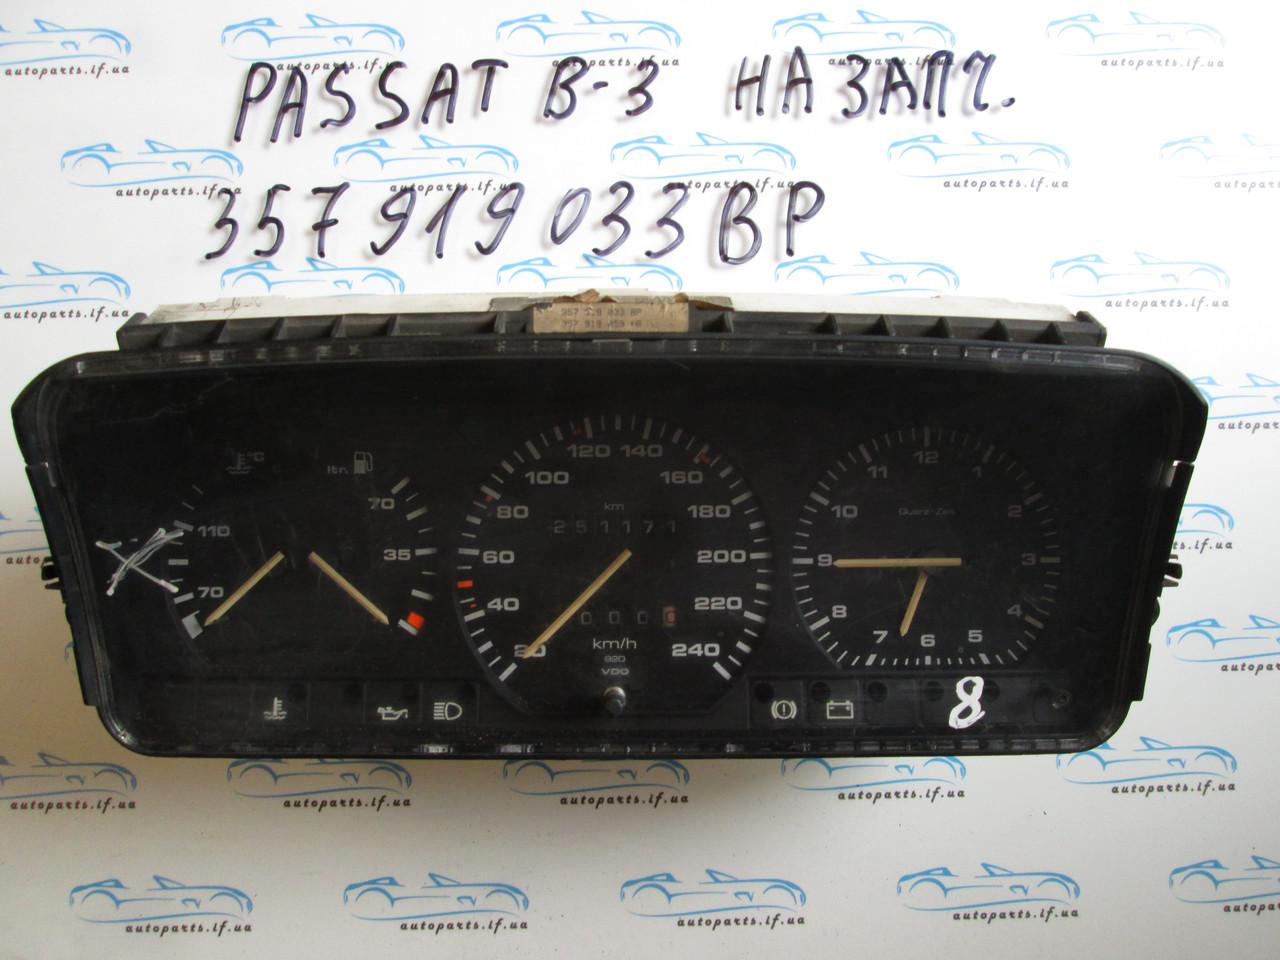 Панель приборов Passat B3, Пассат Б3 357919033BP на запчасти